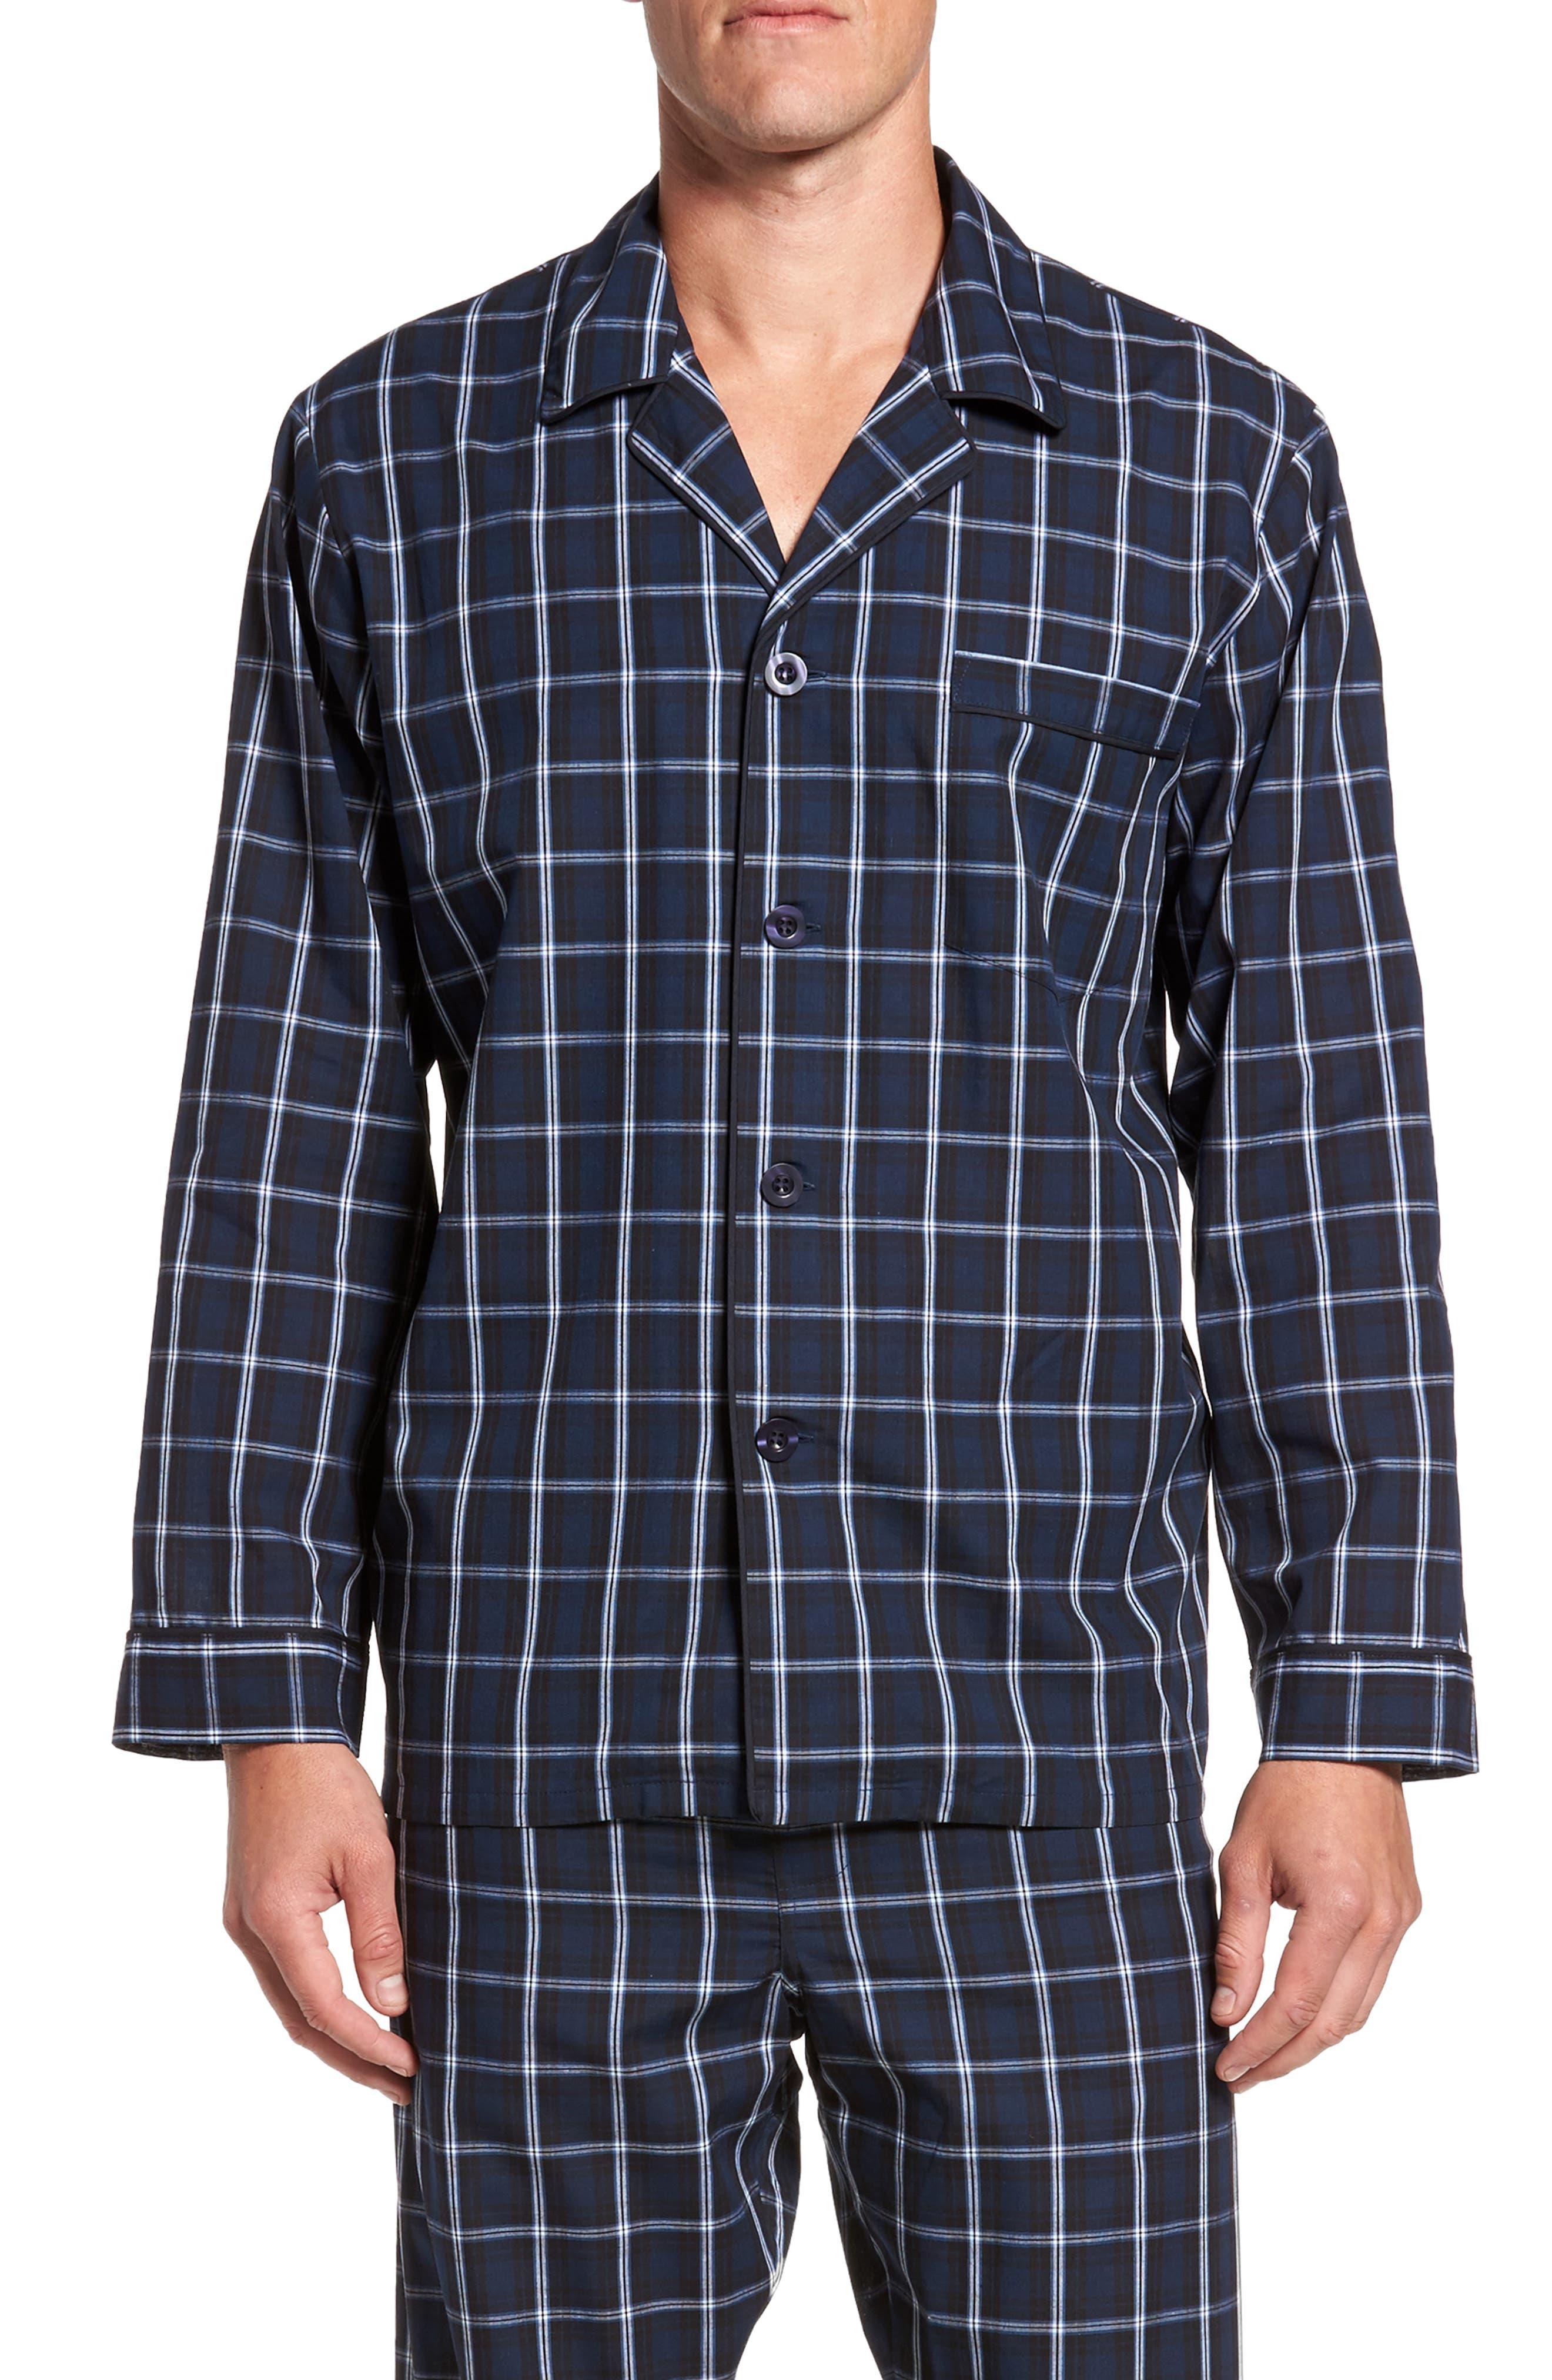 Majestic International Channing Windowpane Pajama Set